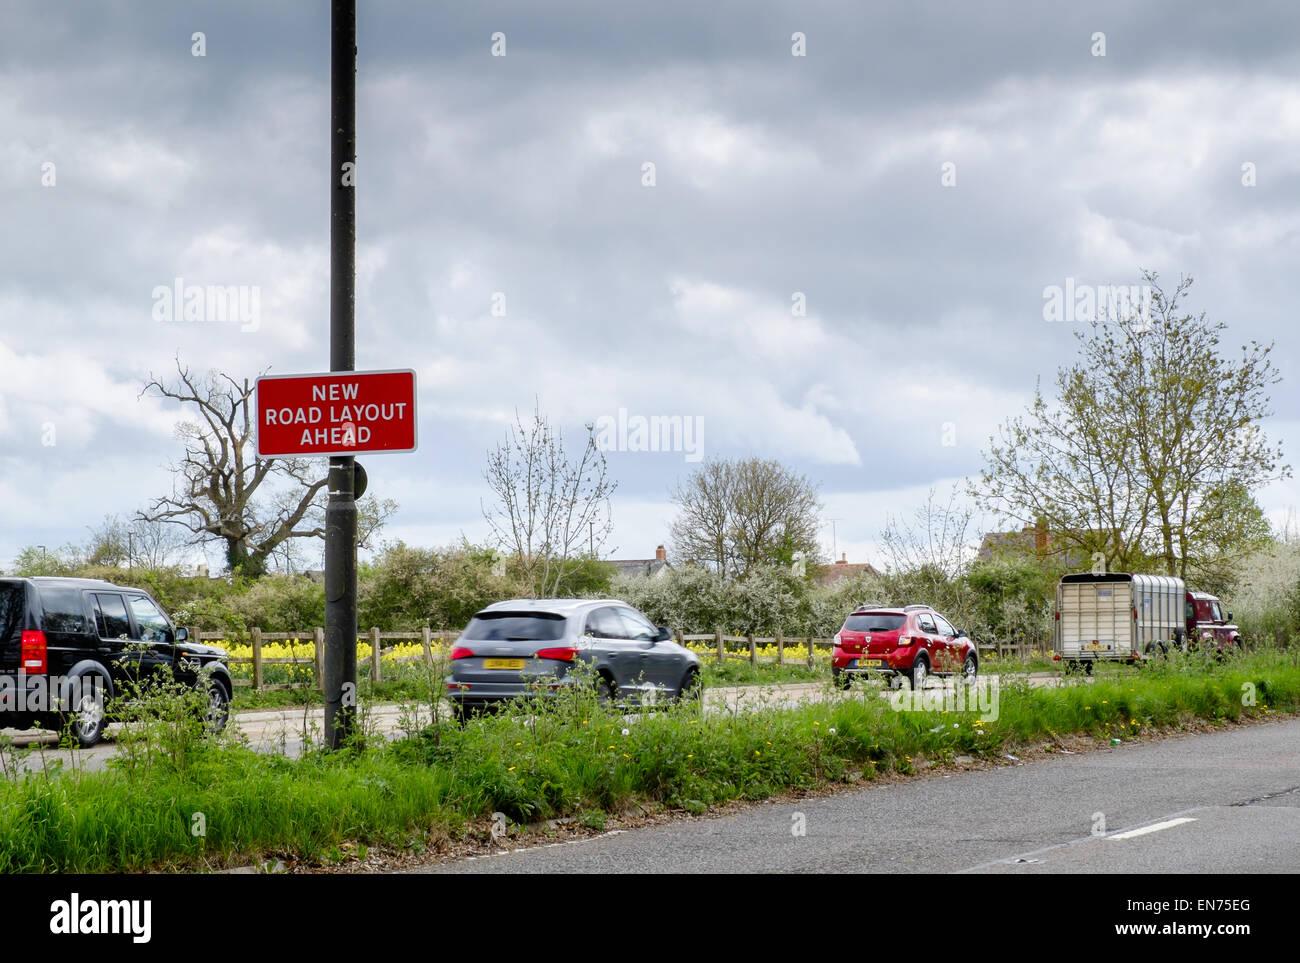 """Un """"nuovo tracciato stradale Ahead' segno su una strada principale in prossimità di un incrocio occupato Immagini Stock"""